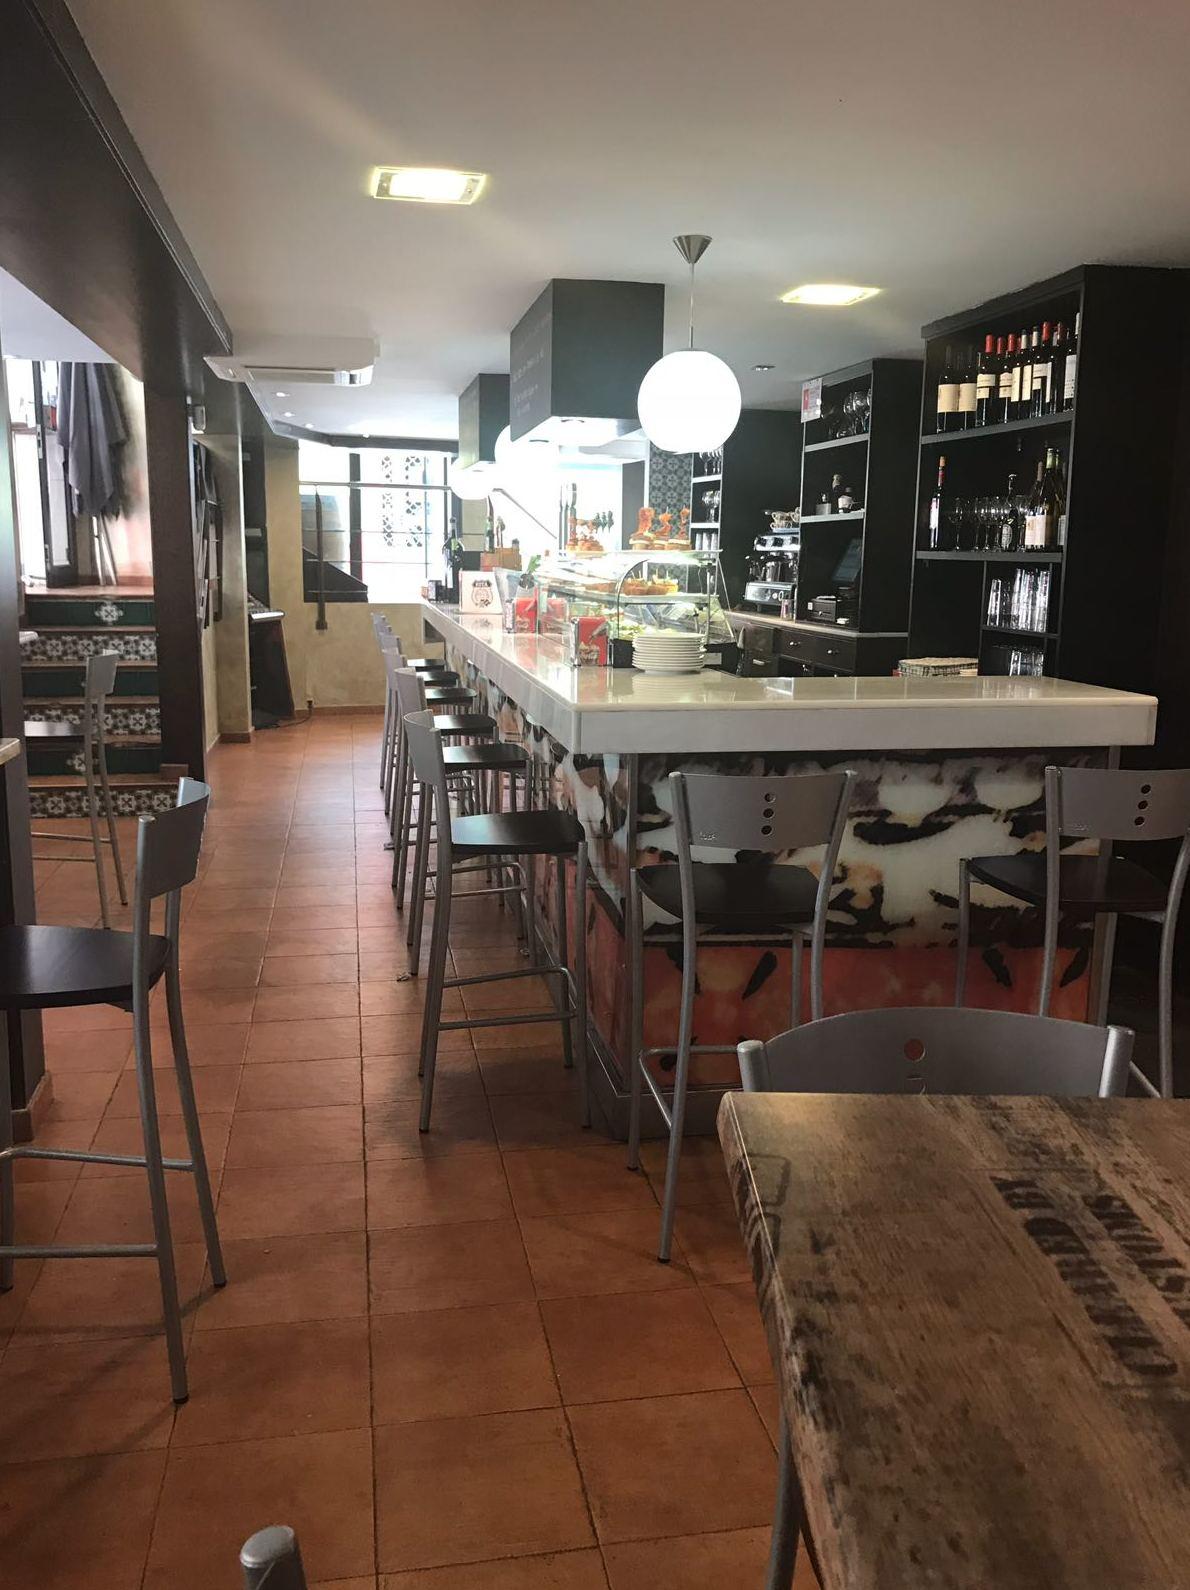 Ven a probar nuestros menú diario, puedes tomarlo dentro o en nuestra terraza o en esta amplia barra, ideal para compartir entre amigos